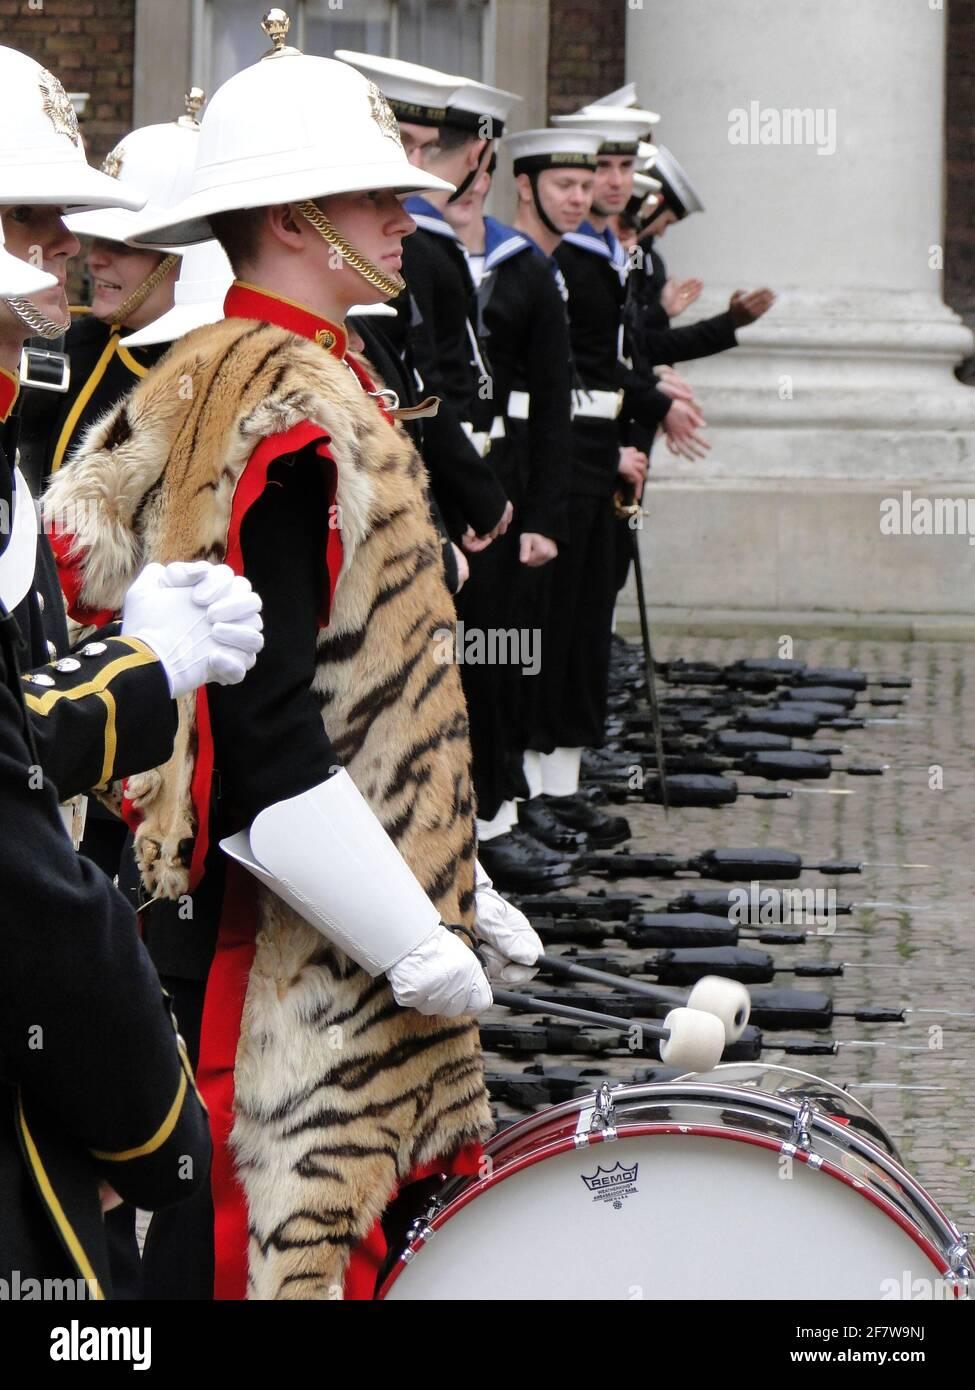 La Regina presenta formalmente il Duca di Edimburgo con il titolo e l'ufficio di Lord Alto Ammiraglio della Marina di Whitehall, per celebrare il suo 90 ° anniversario. Londra, Regno Unito Foto Stock